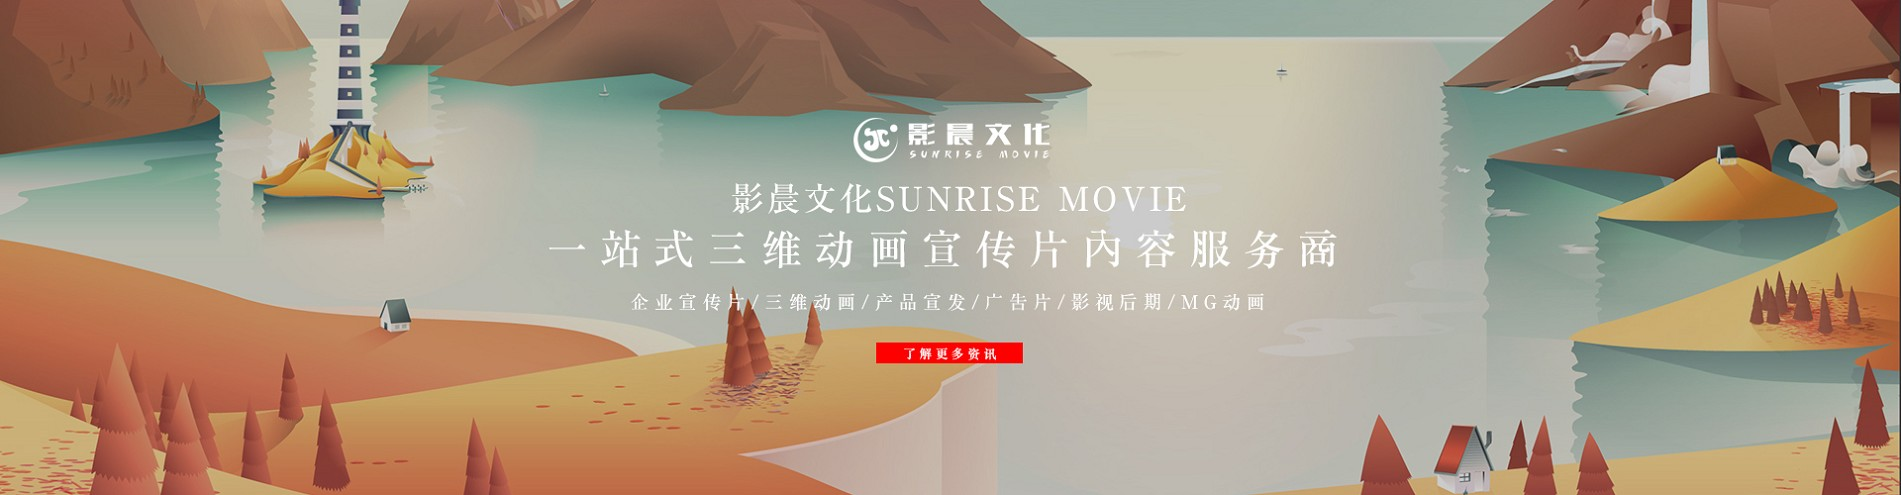 品牌宣传视频,广州宣传片制作公司,广州三维动画